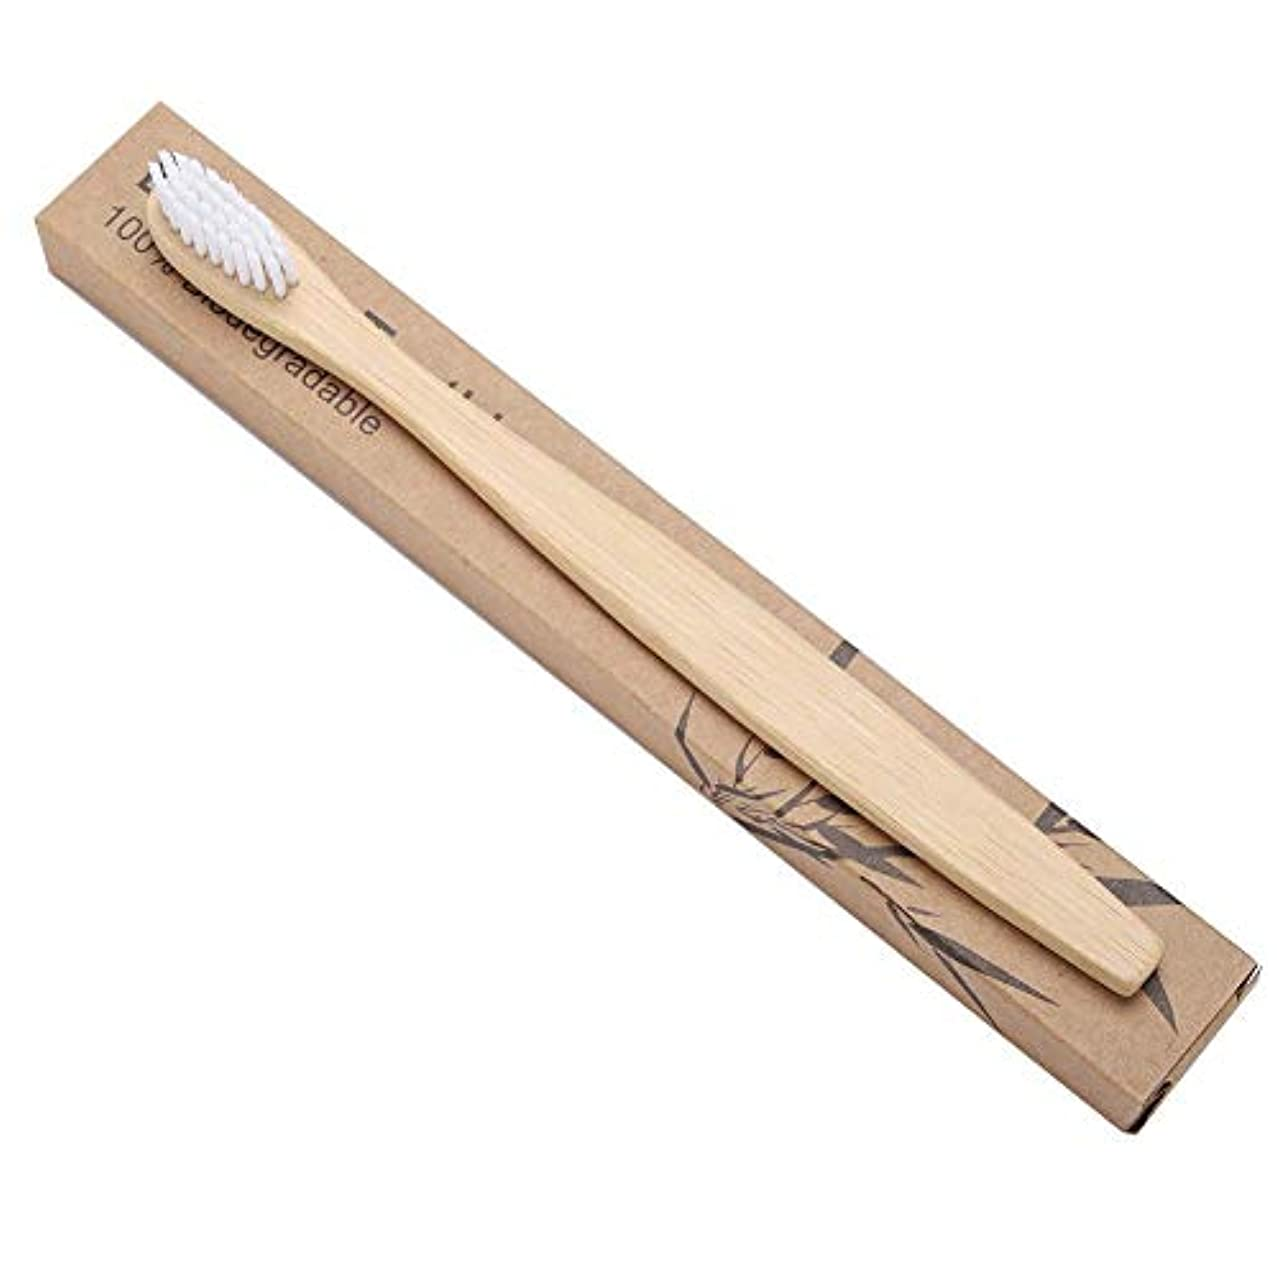 従う比類のないクリケット口の健康 贅沢ケア 柔らかい歯ブラシ 歯ブラシ 歯周ケアハブラシ 超極細毛 コンパクトかため 竹ハンドル ブラシ 知覚過敏予防 大人用ハブラシ 3本 色は選べません(ホワイト)